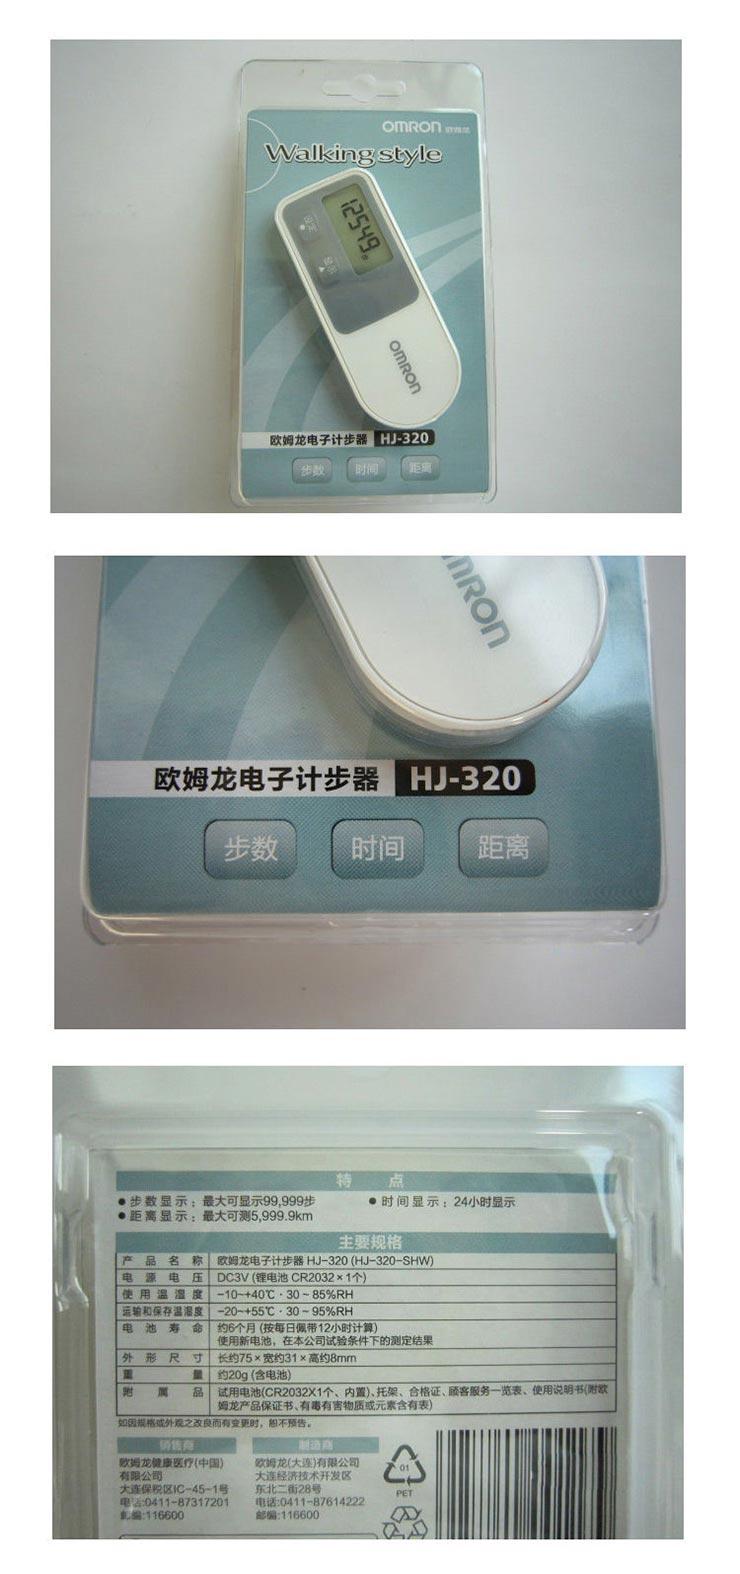 欧姆龙 计步器 hj-320【价格,正品,报价】-飞牛网